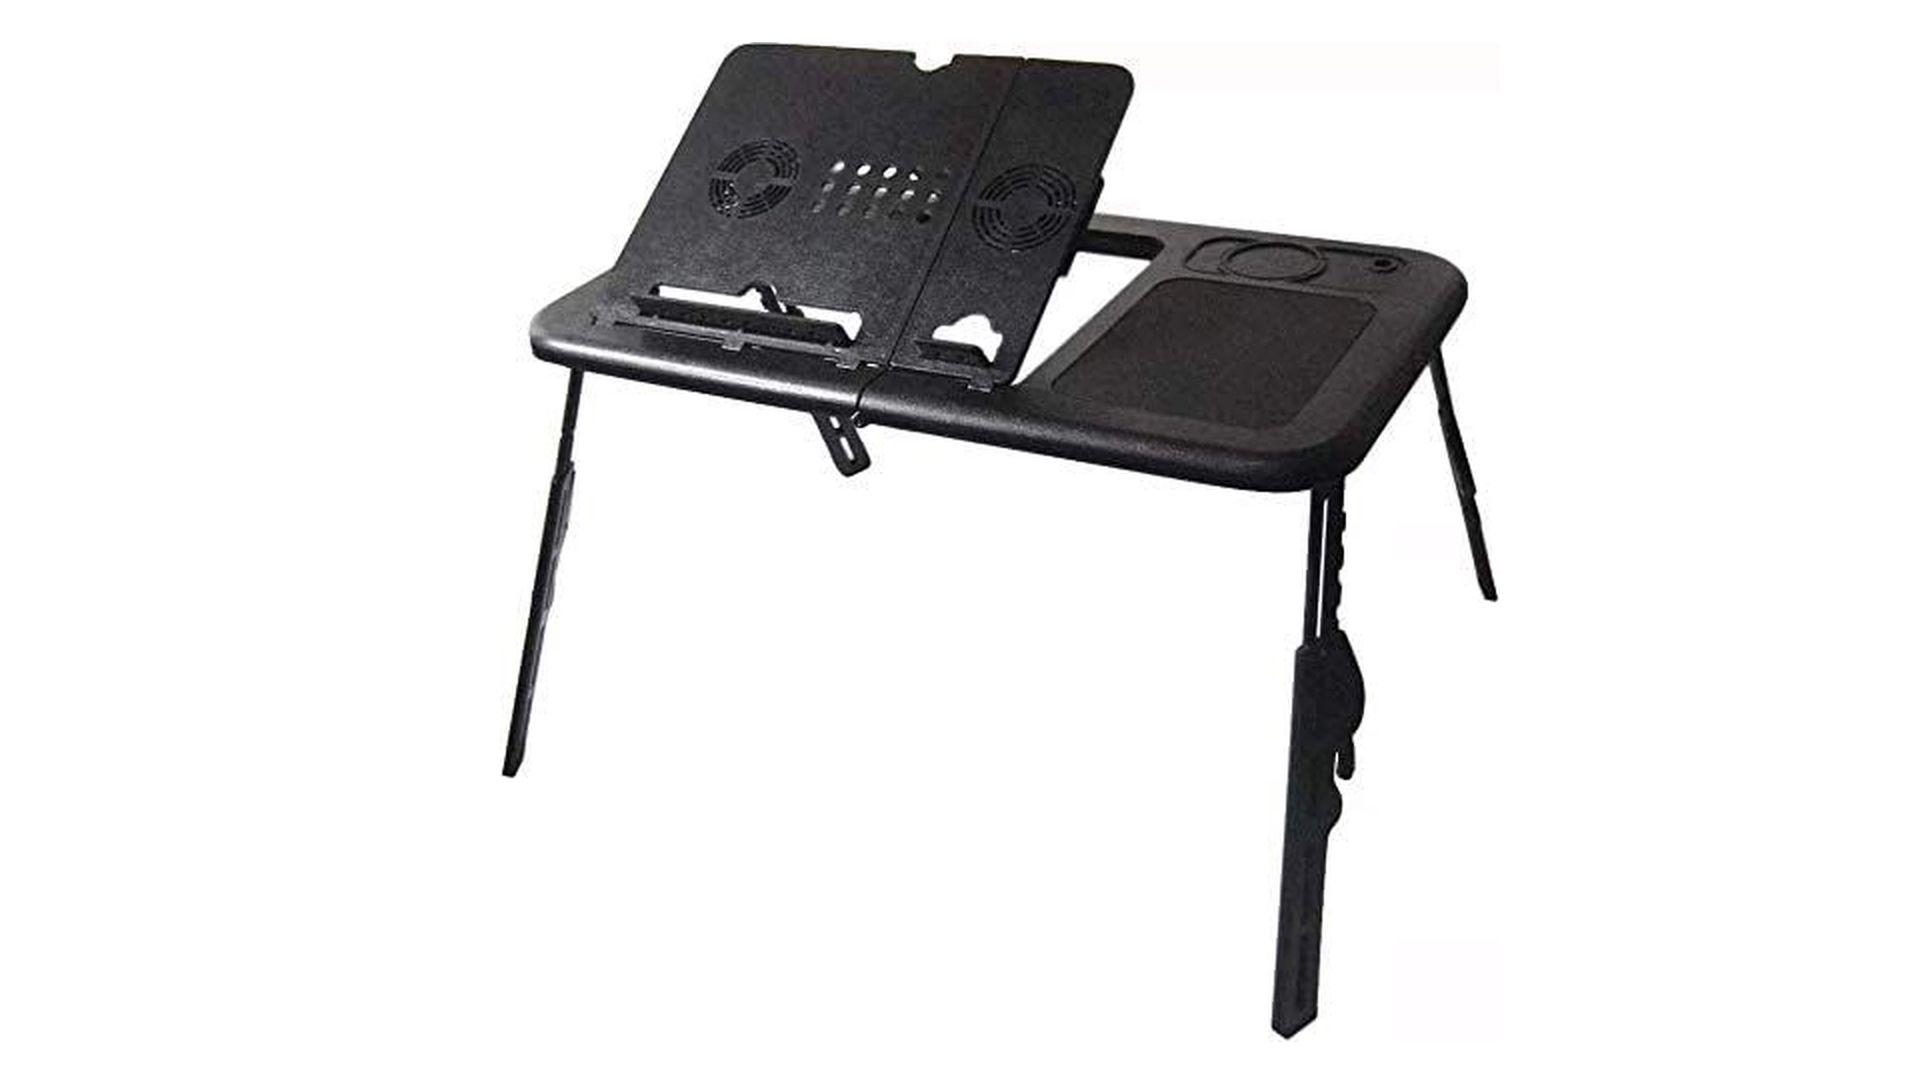 Uma mesa de colo dobrável e ideal para a rotina diária (Fonte: Reprodução)